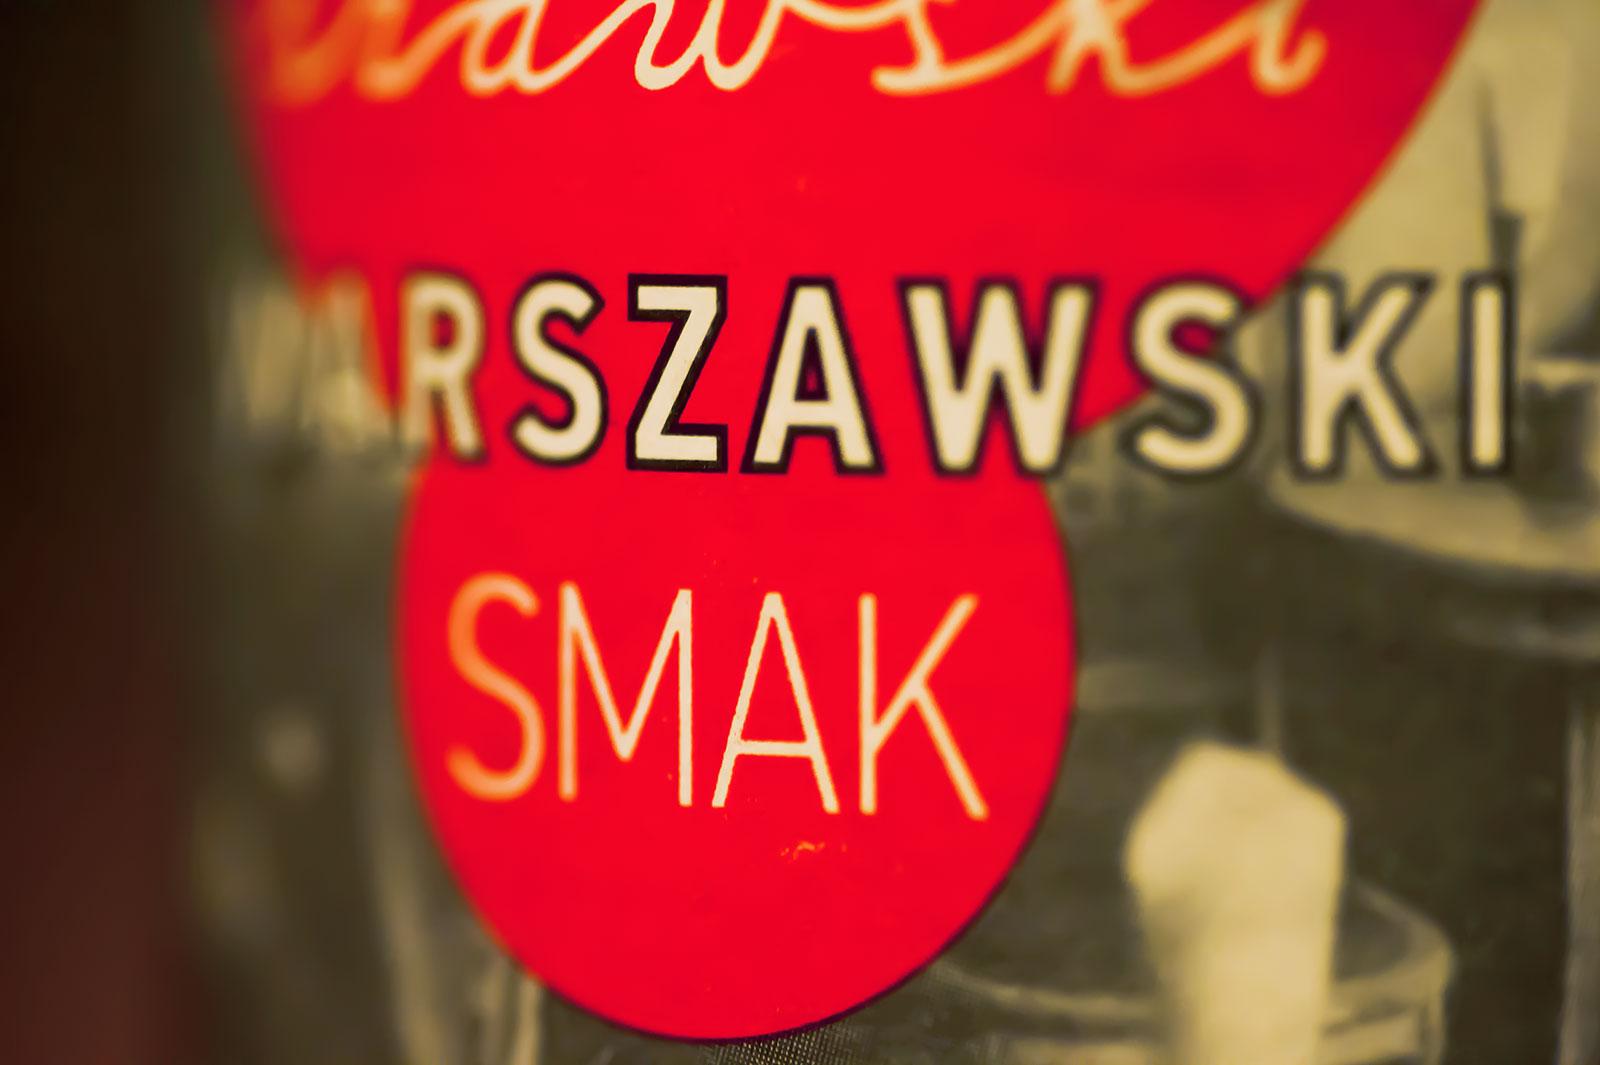 Warszawski Smak - Browar Warszawski (4)